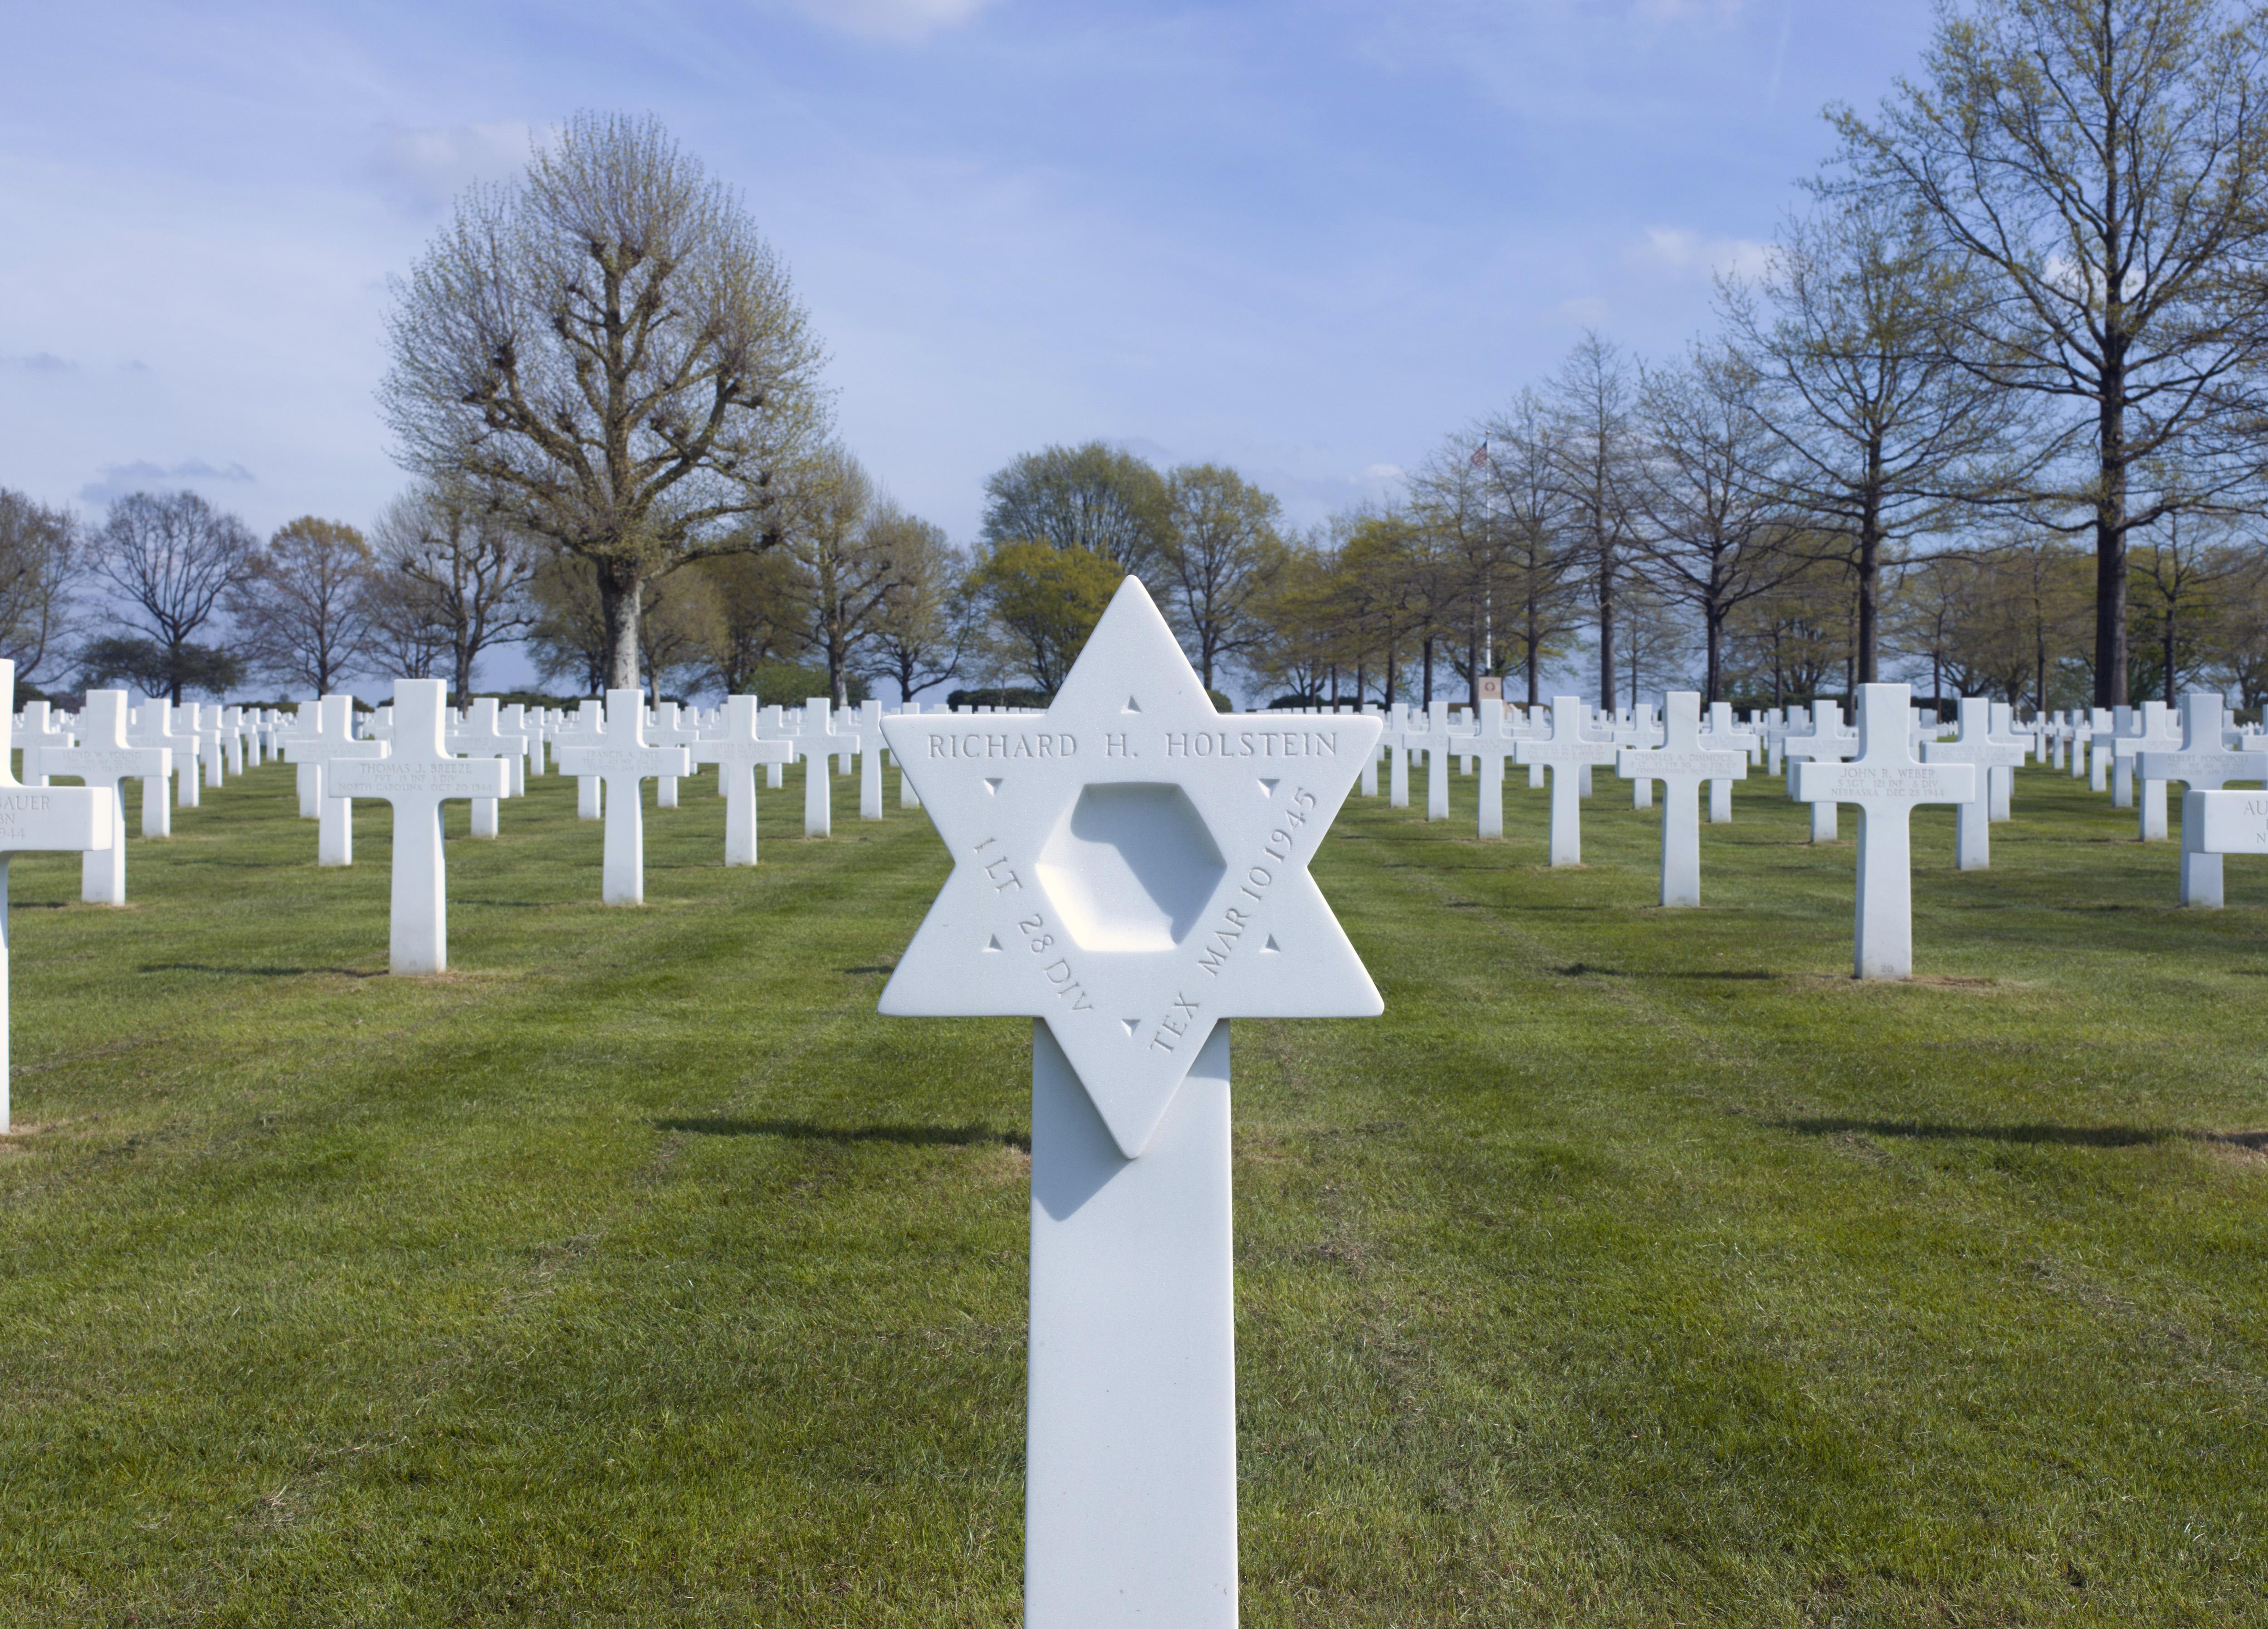 NET-Margraten-American_Cemetery_04a